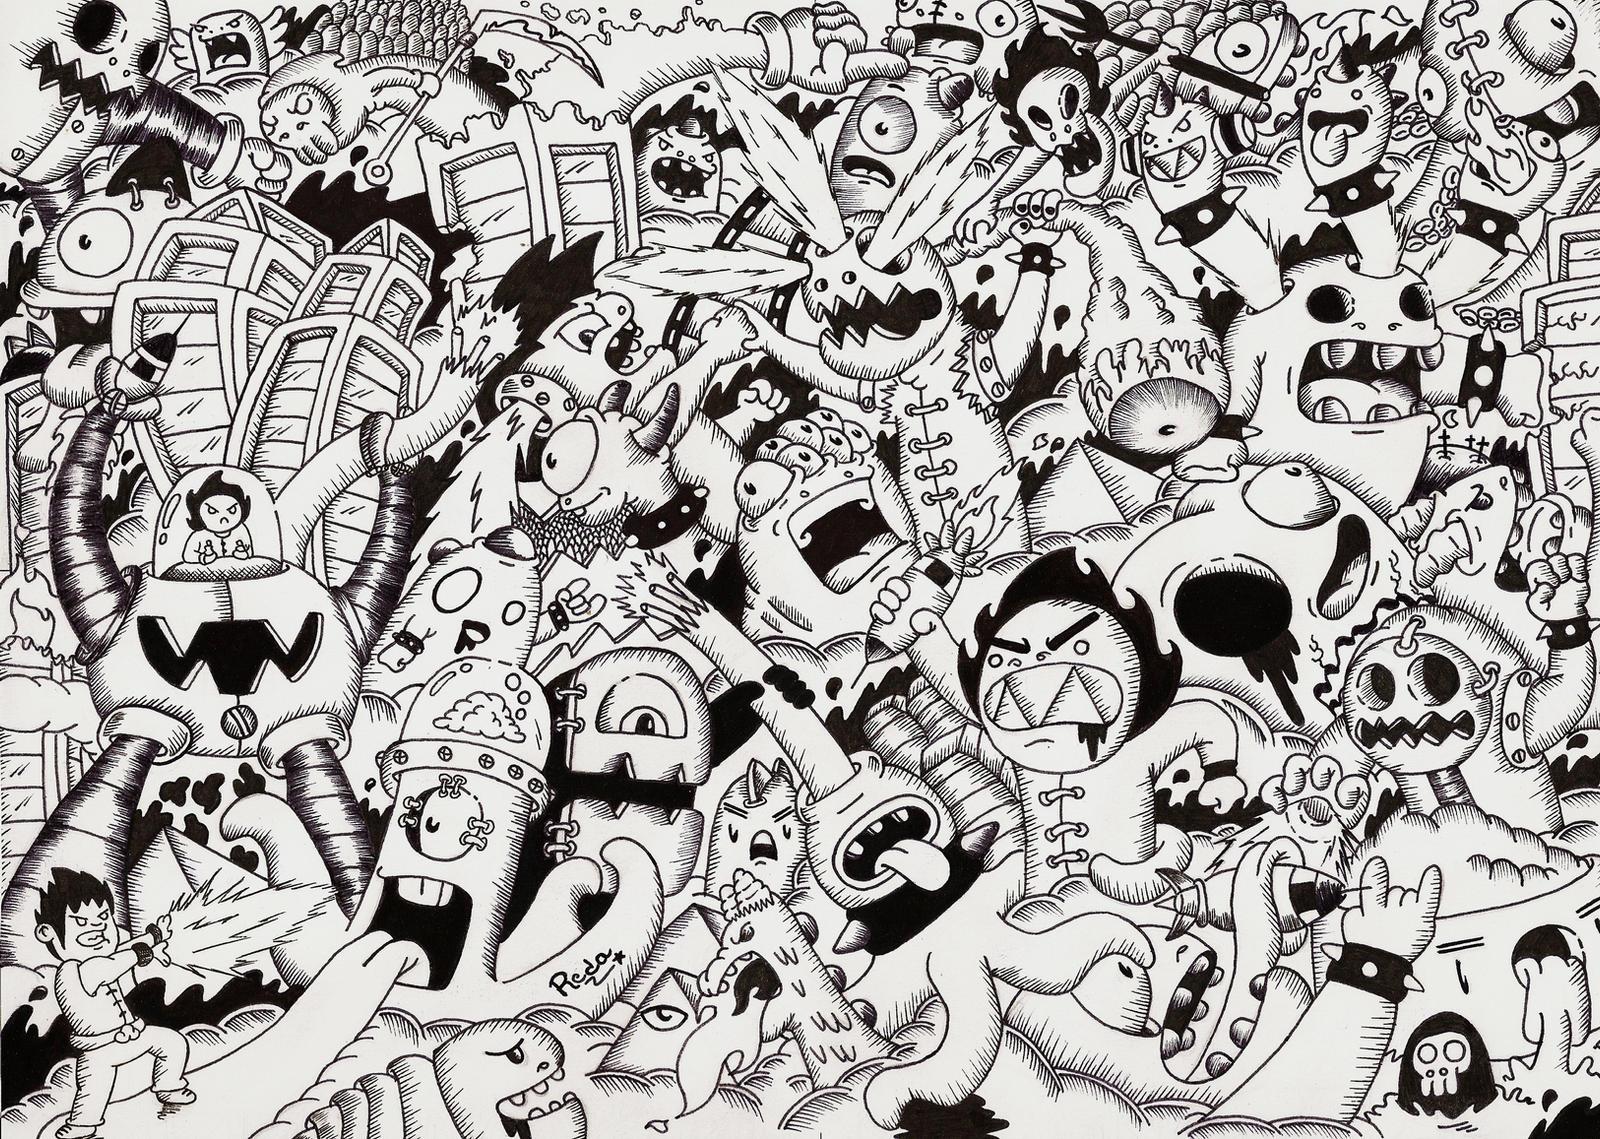 Doodle S: Doodle Is Art